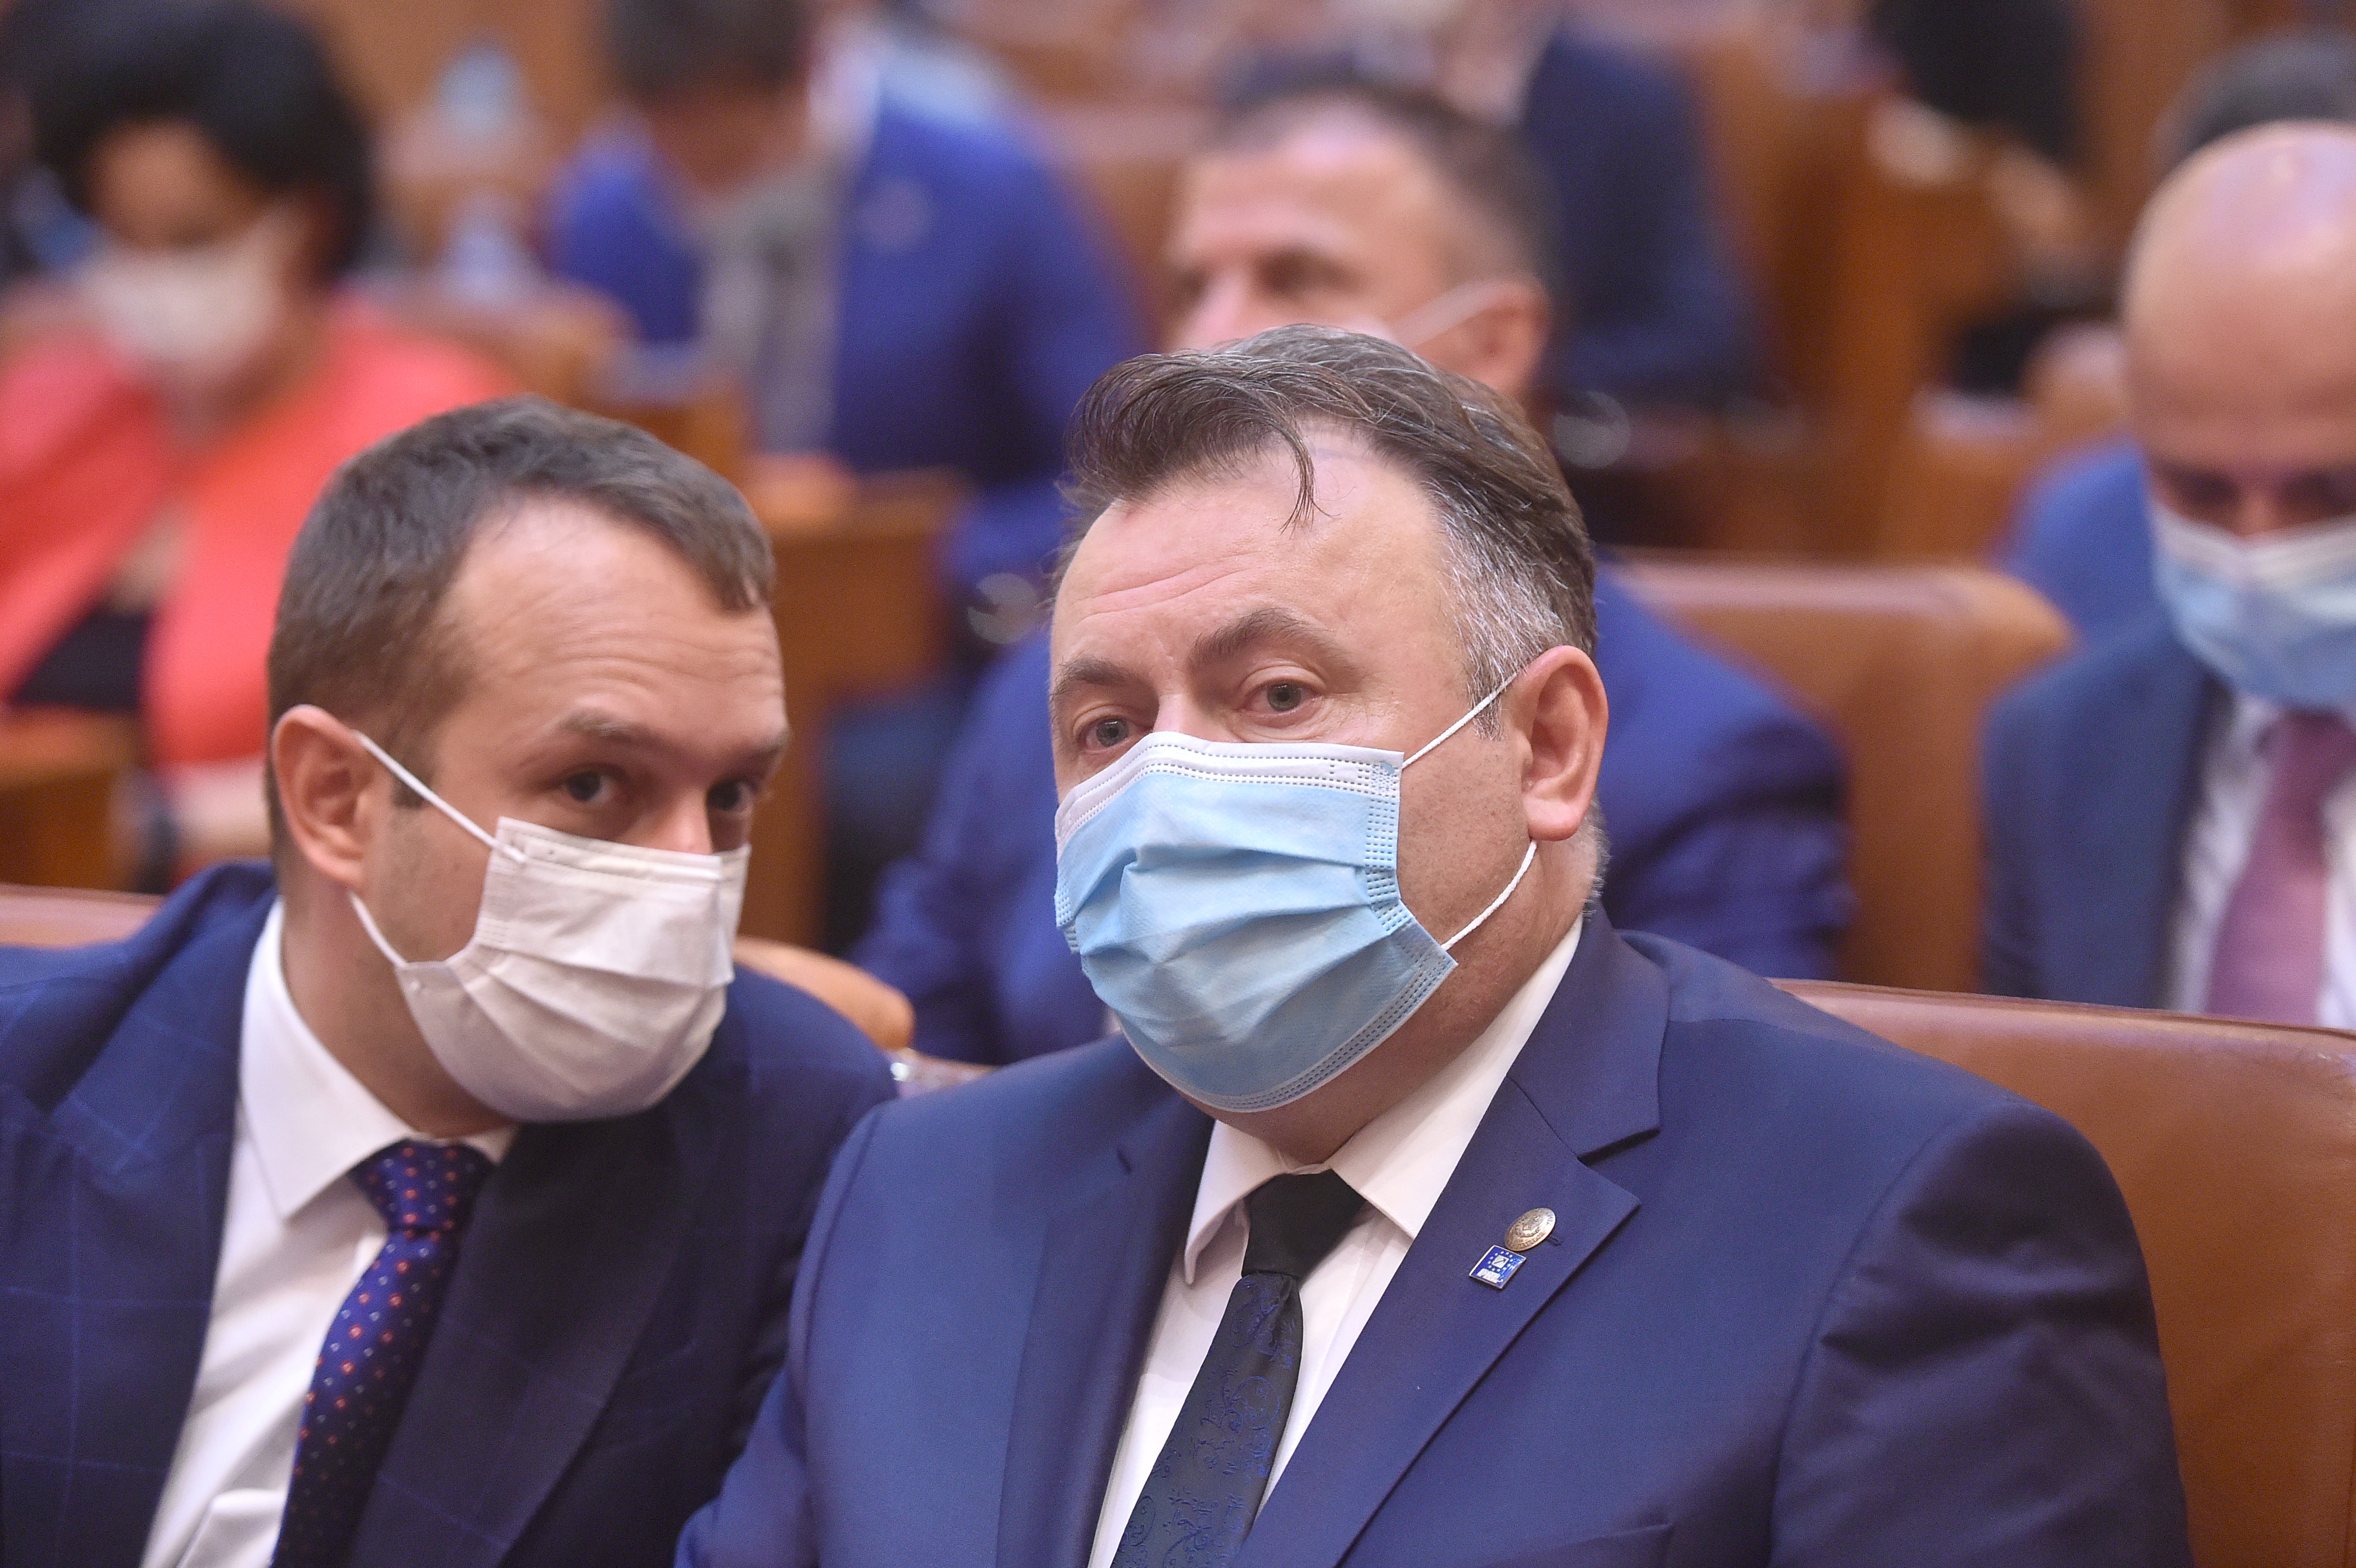 Vârful valului patru ajunge în octombrie, spune Nelu Tătaru. Cum poate face România față pandemiei